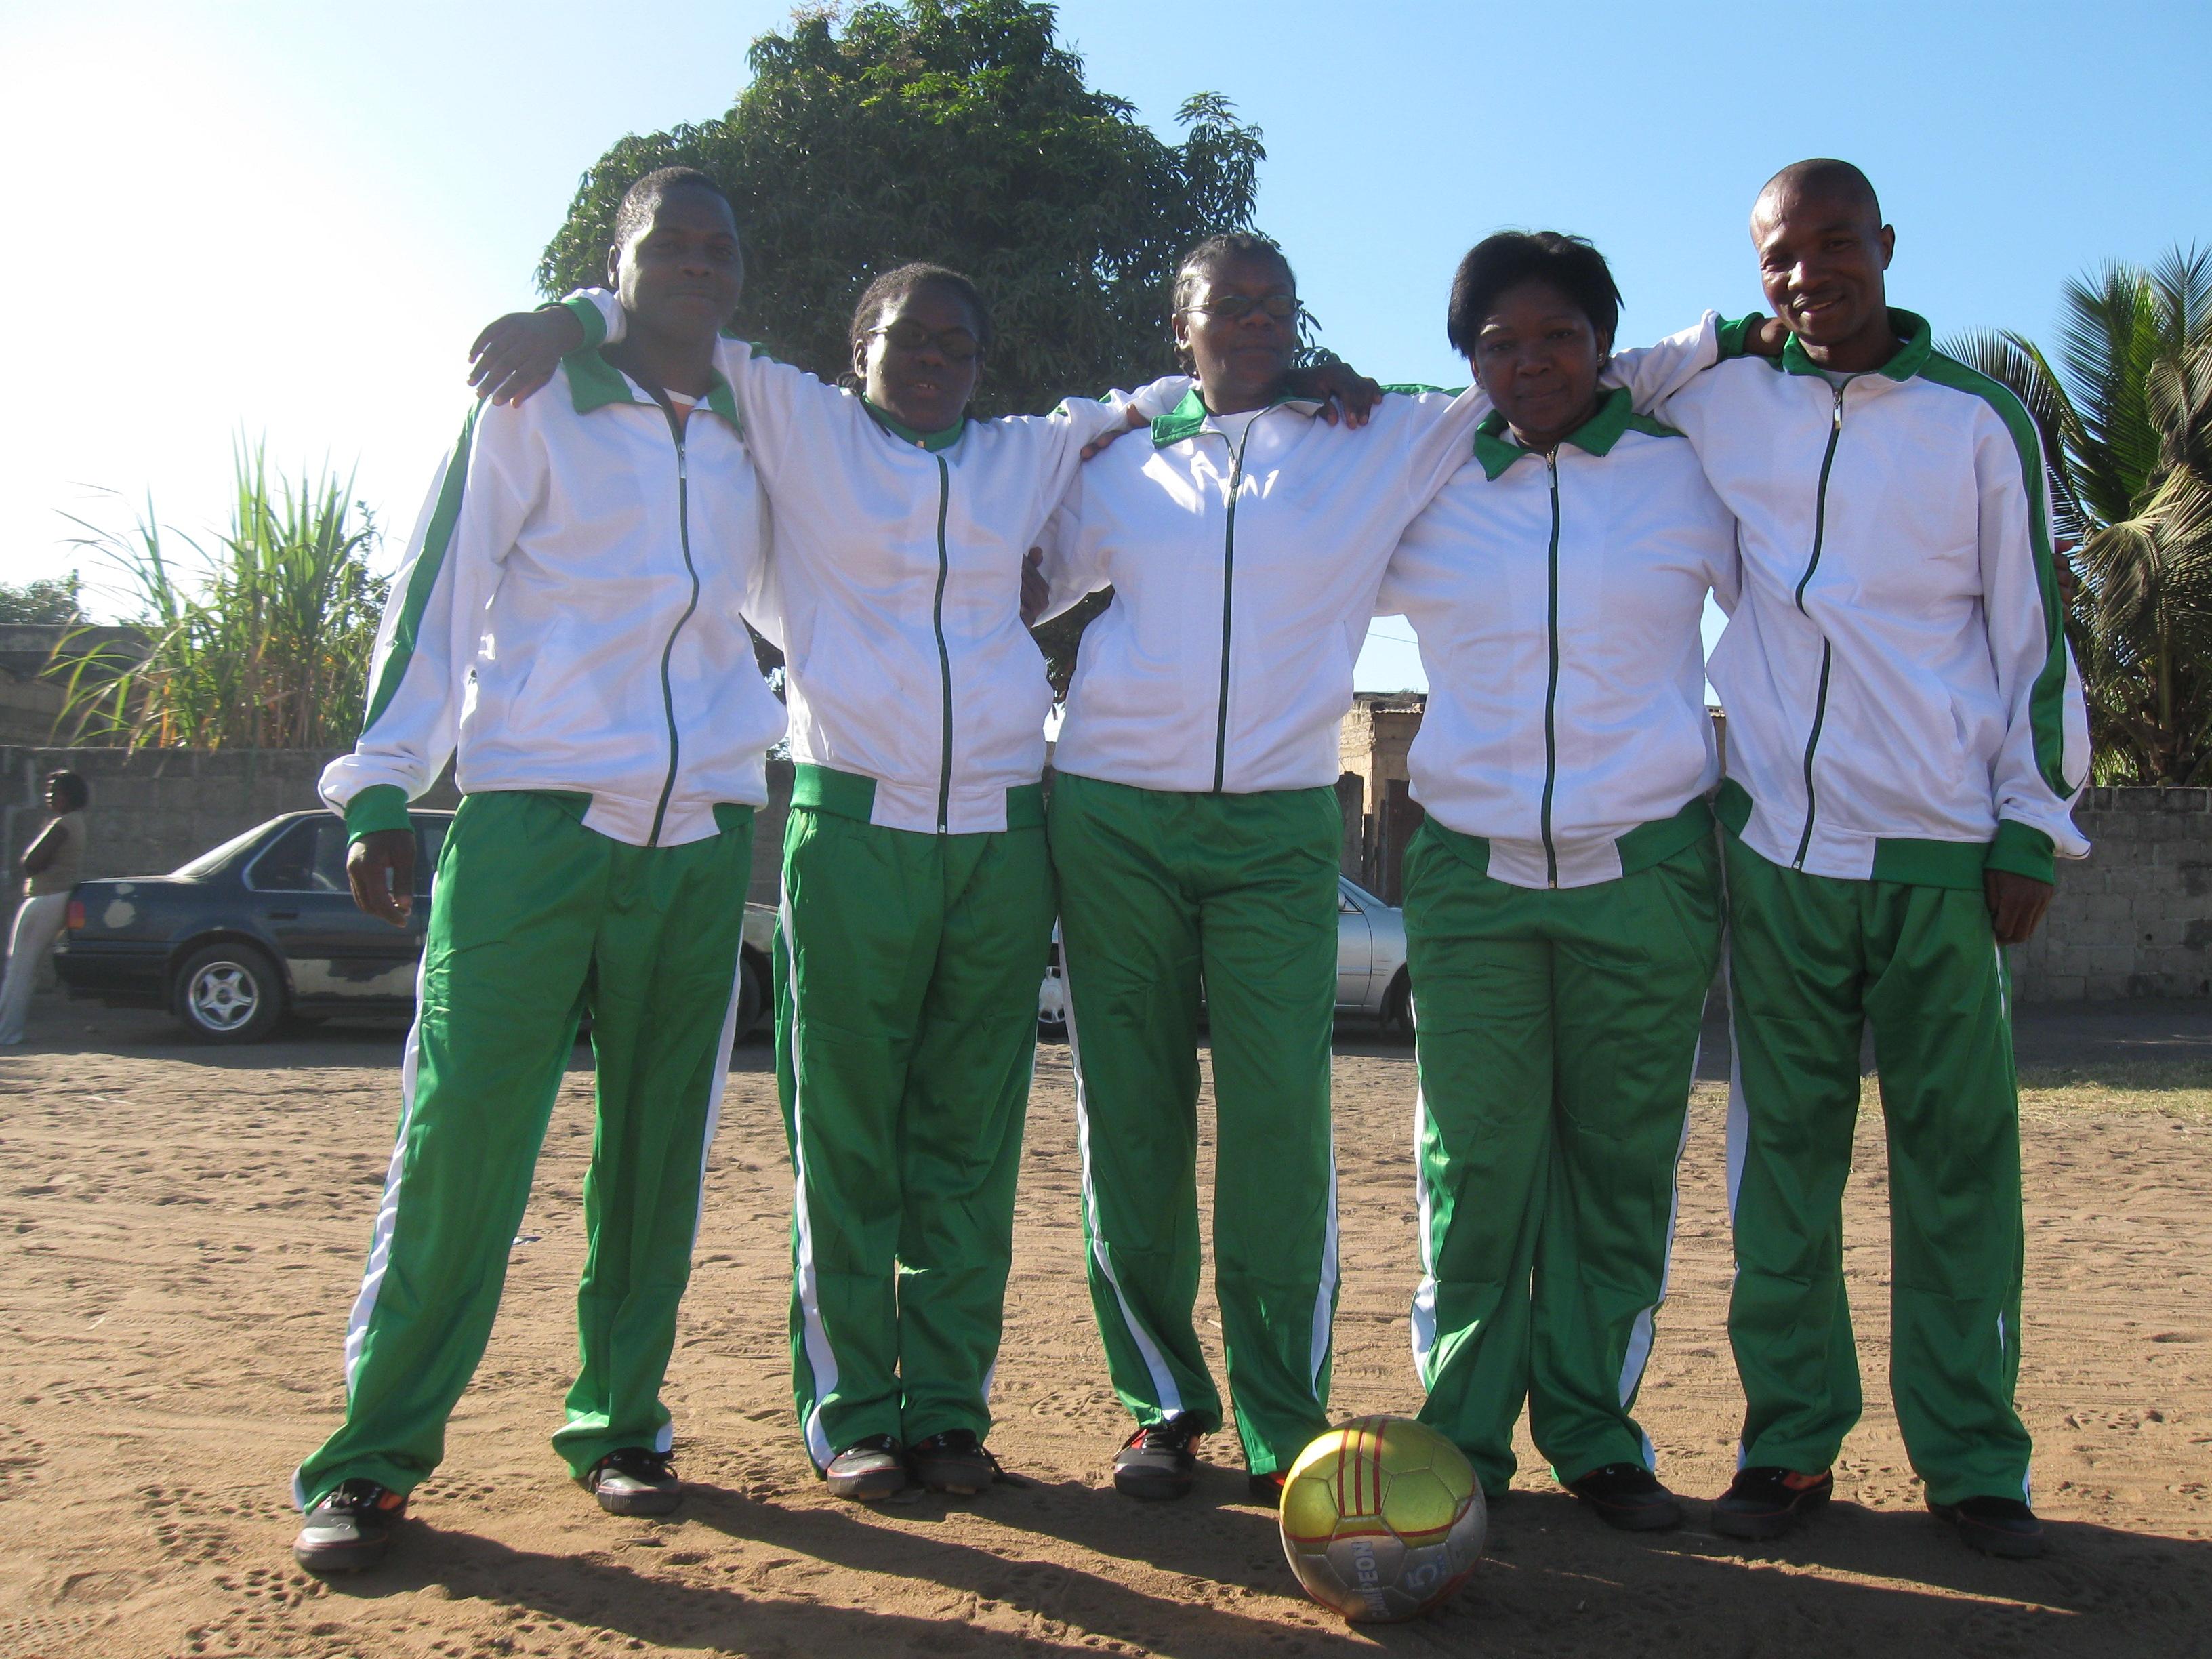 blog_7-team_in_tenue2.jpg